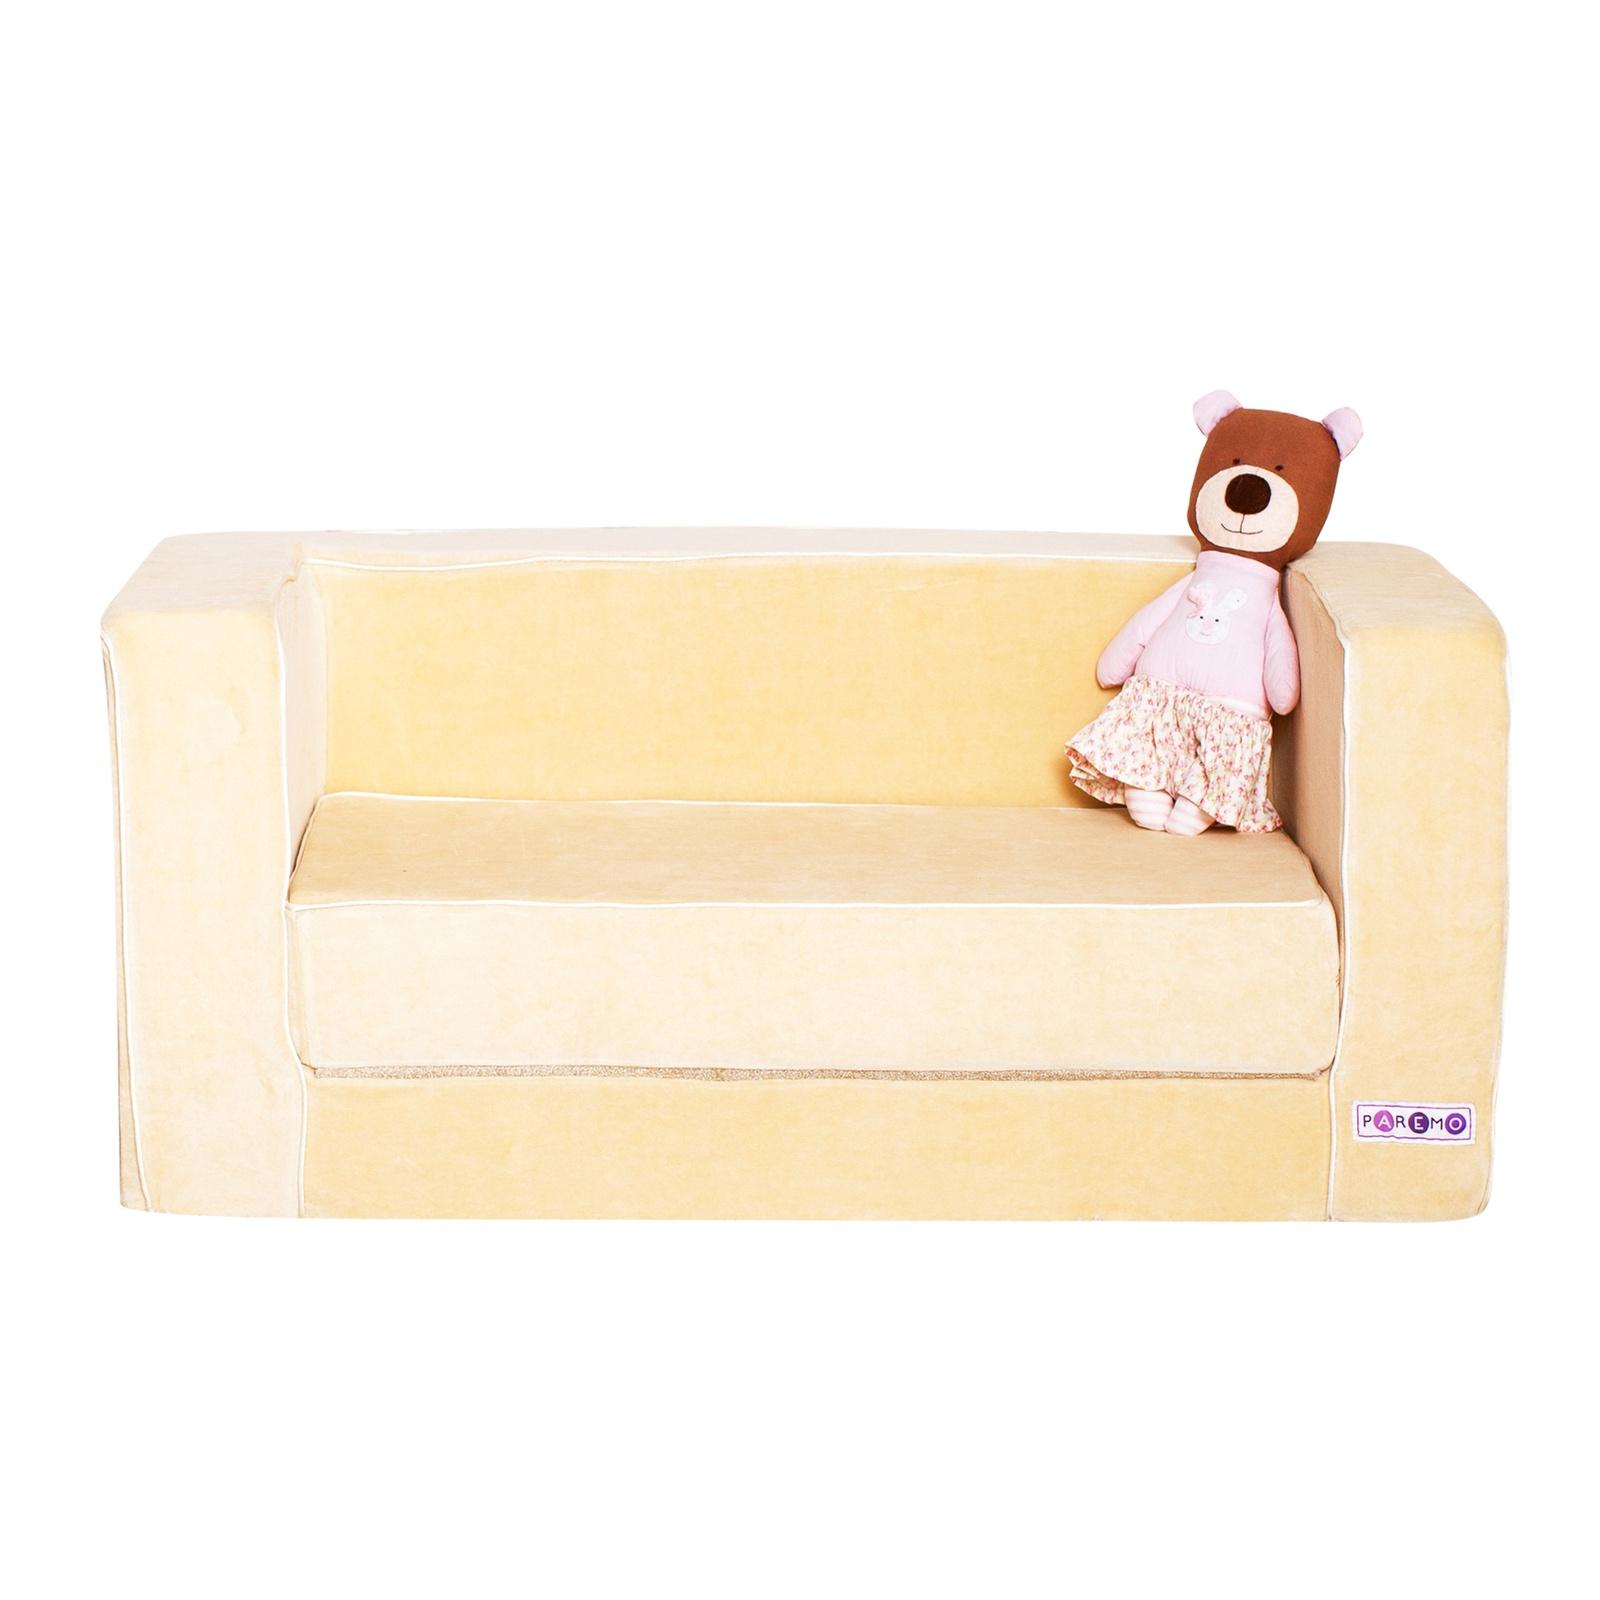 Раскладной бескаркасный диванчик PAREMO, цвет: бежевый